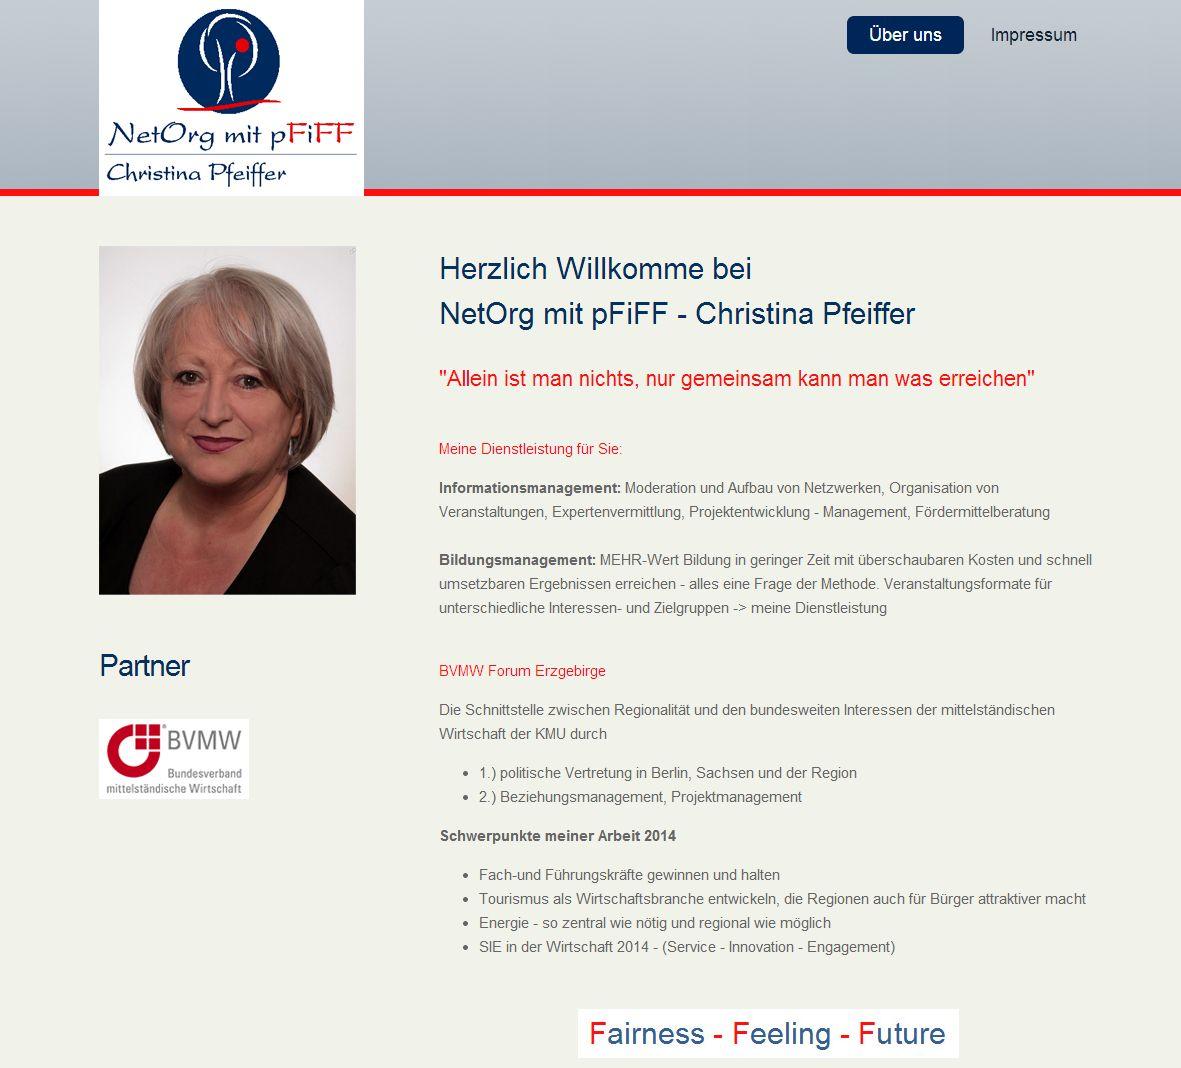 2014 Visitenkarte NetOrg mit pFiFF Christina Pfeiffer